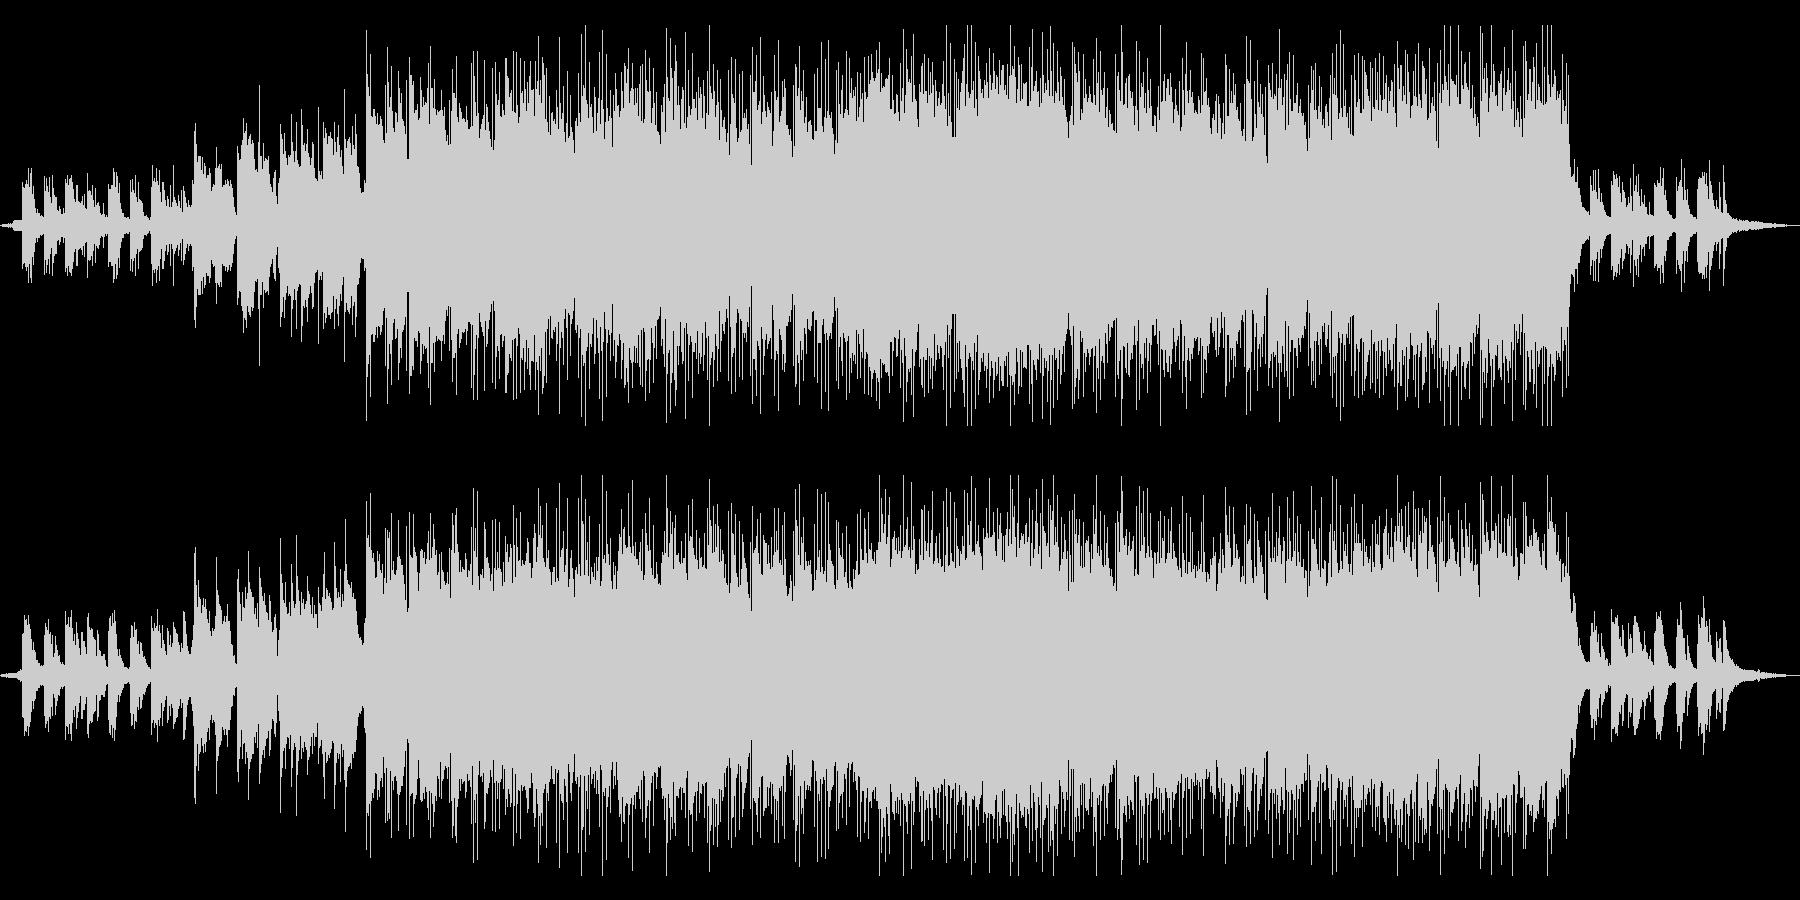 生演奏バイオリン きらきら切ないバラードの未再生の波形